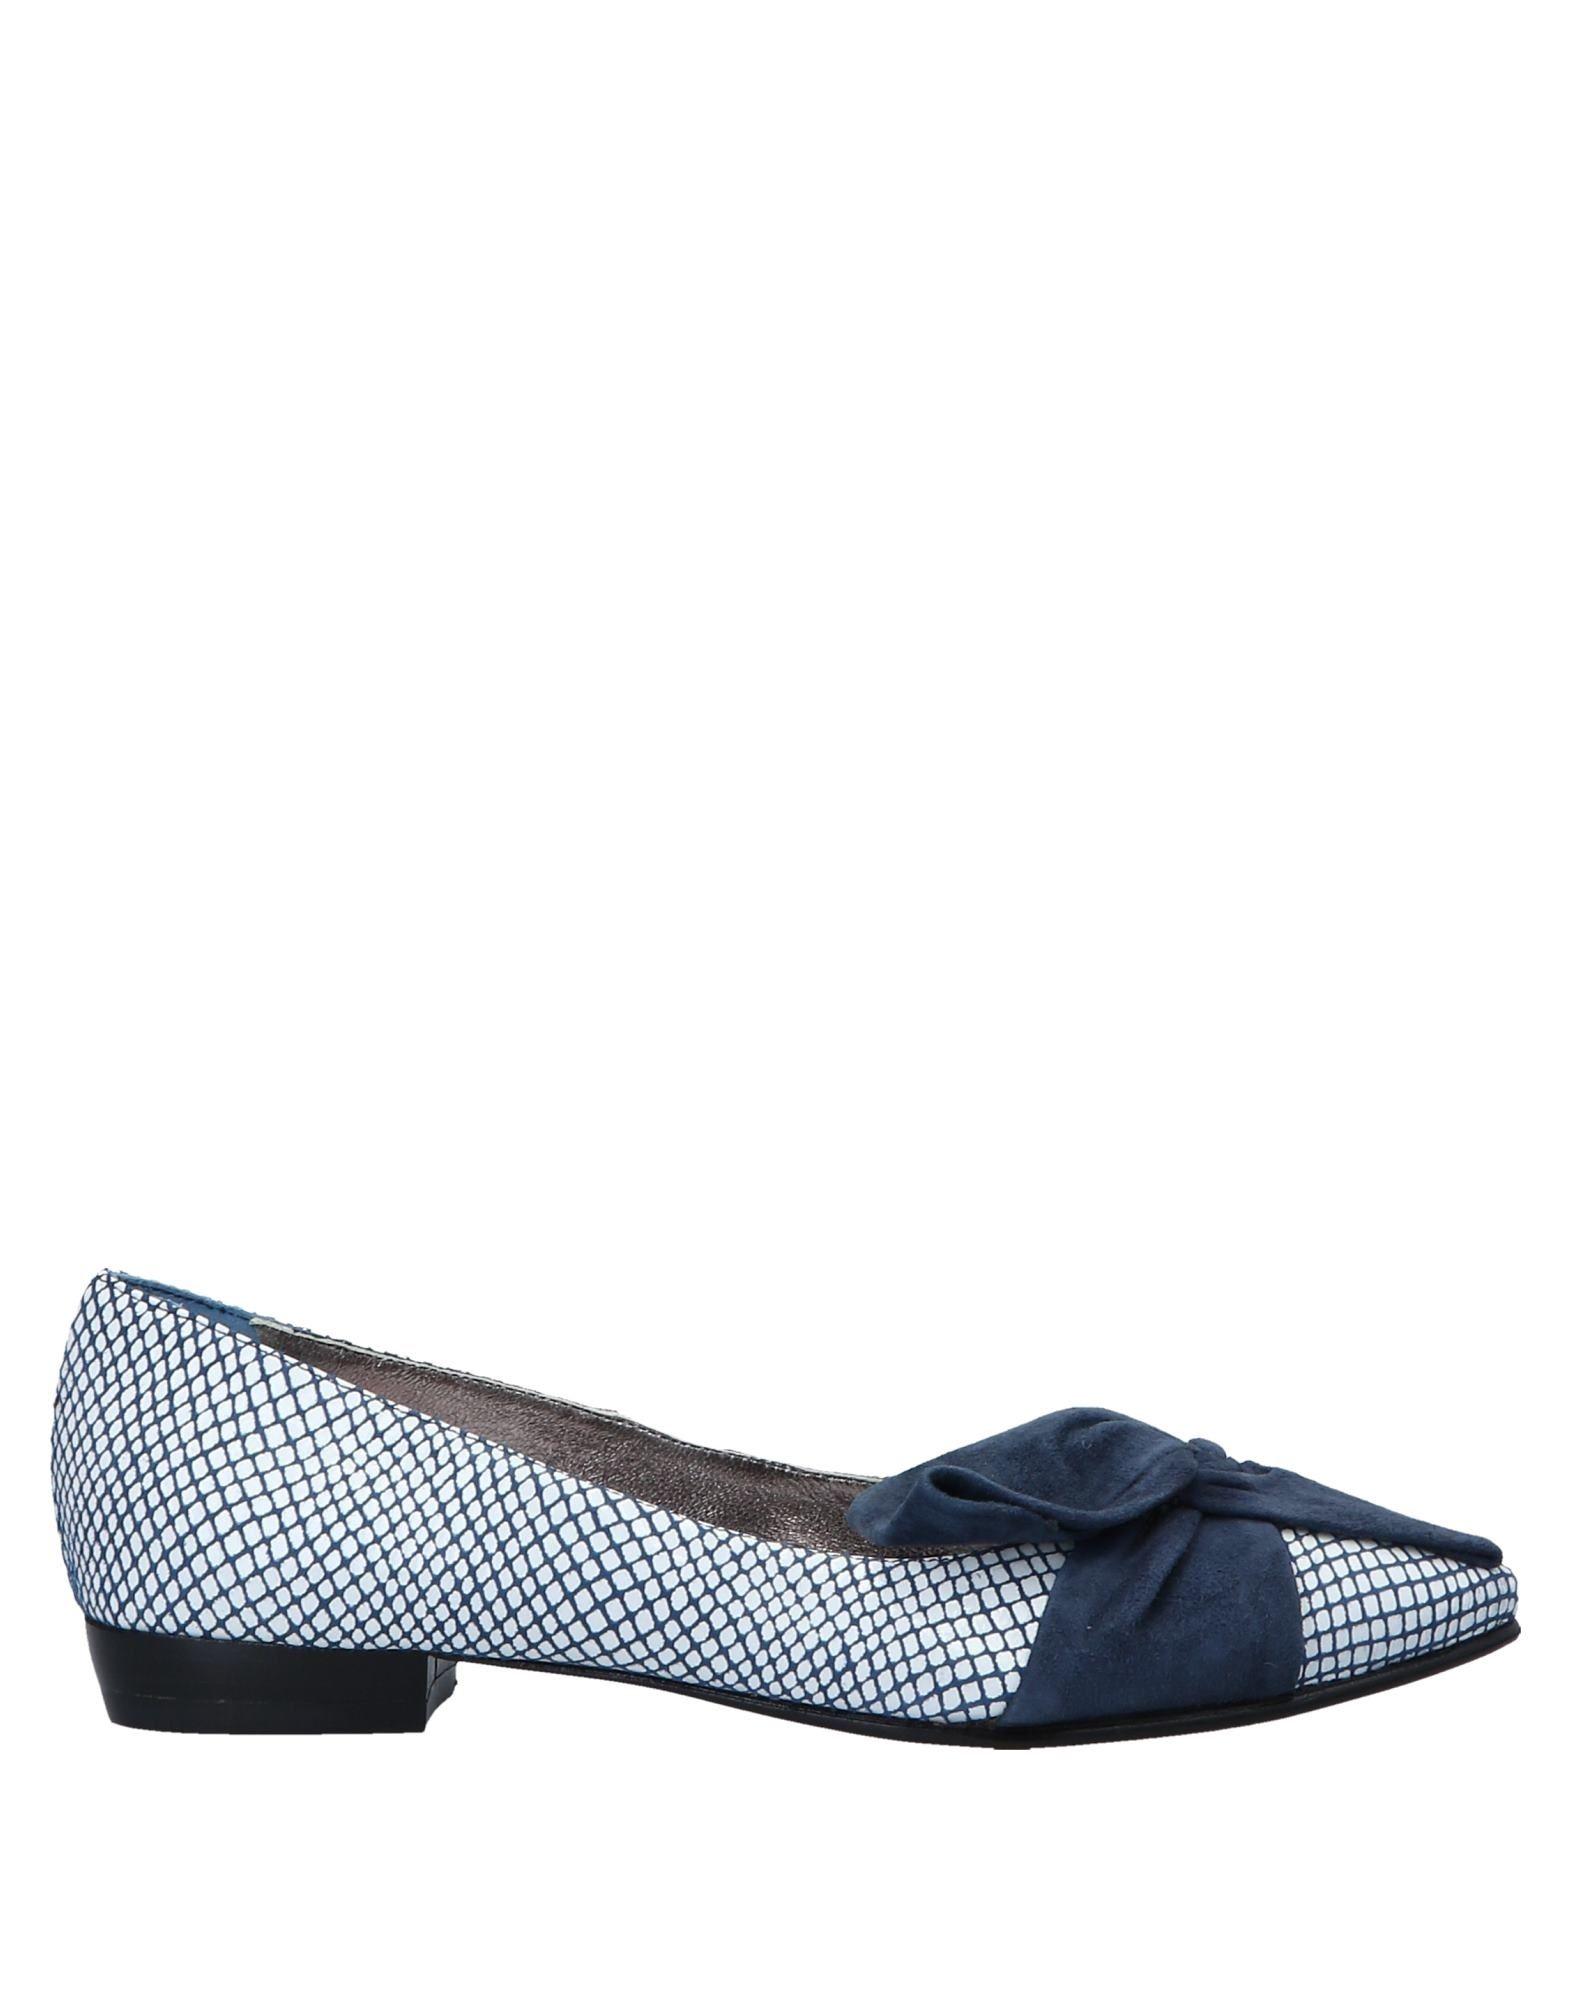 Angel Ballerinas Damen  11546627LO Gute Qualität beliebte Schuhe